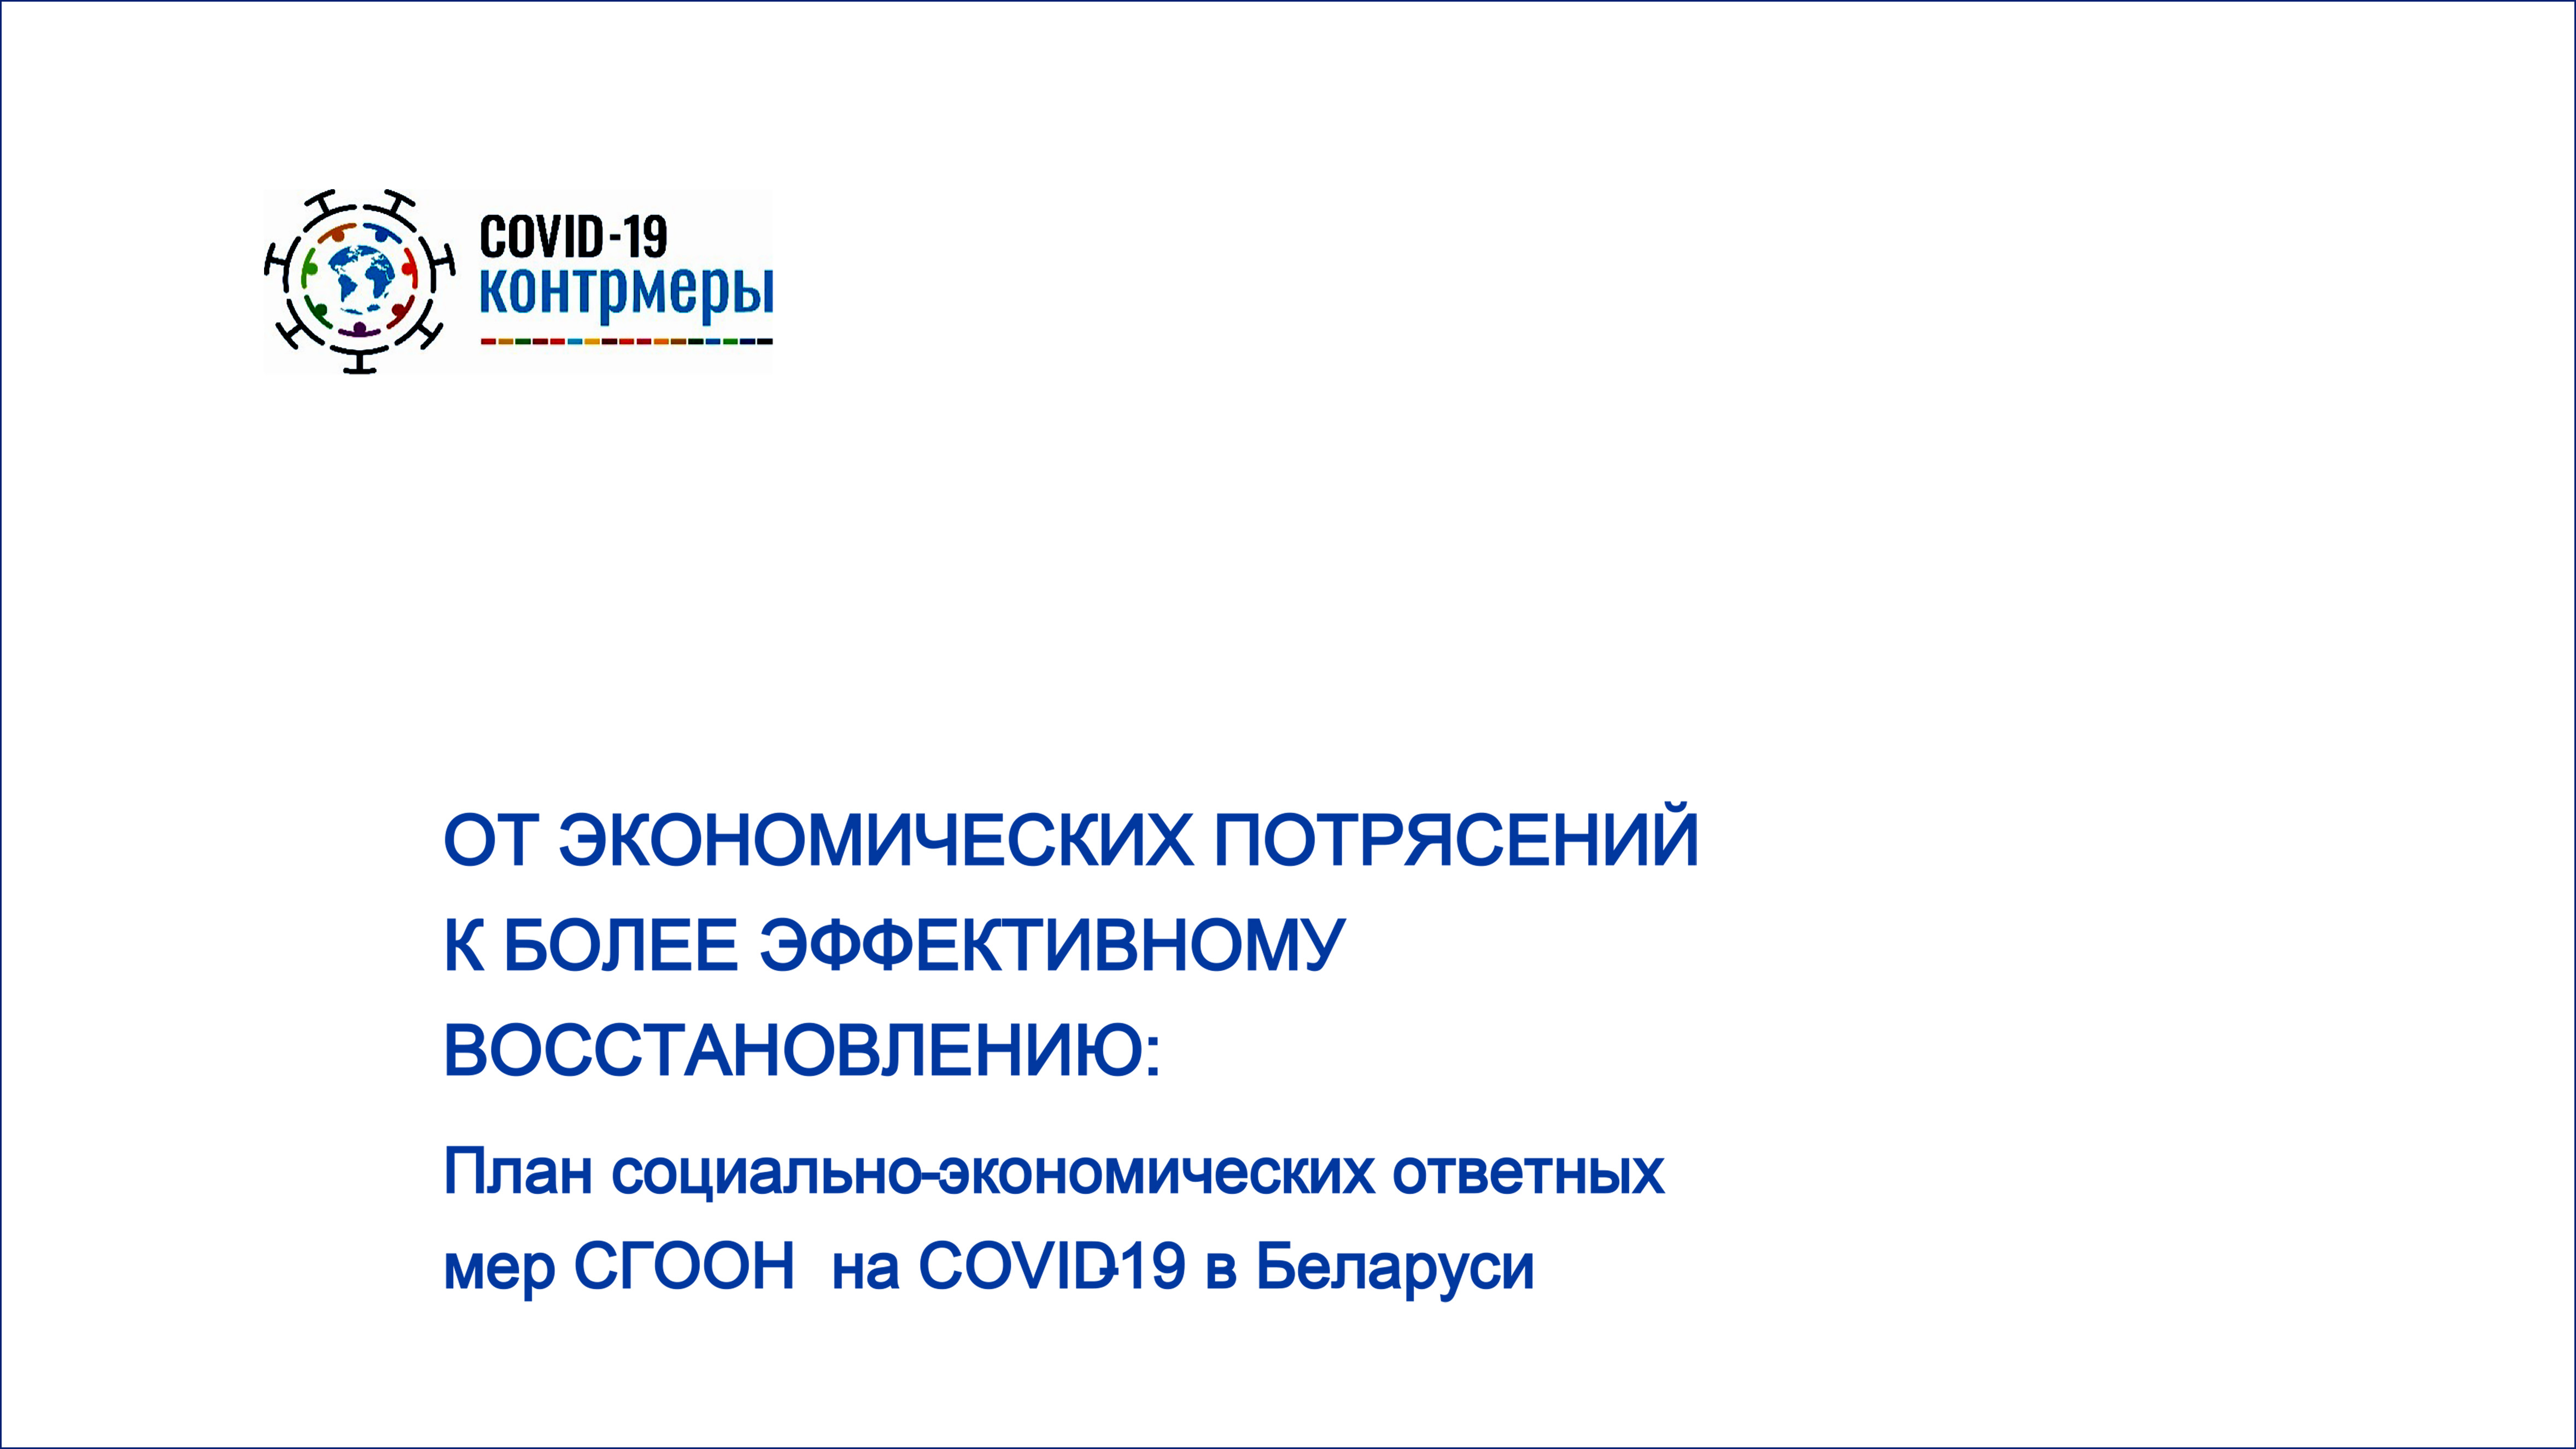 План социально-экономических ответных мер страновой группы ООН в Беларуси на COVID-19:  достижения и планы